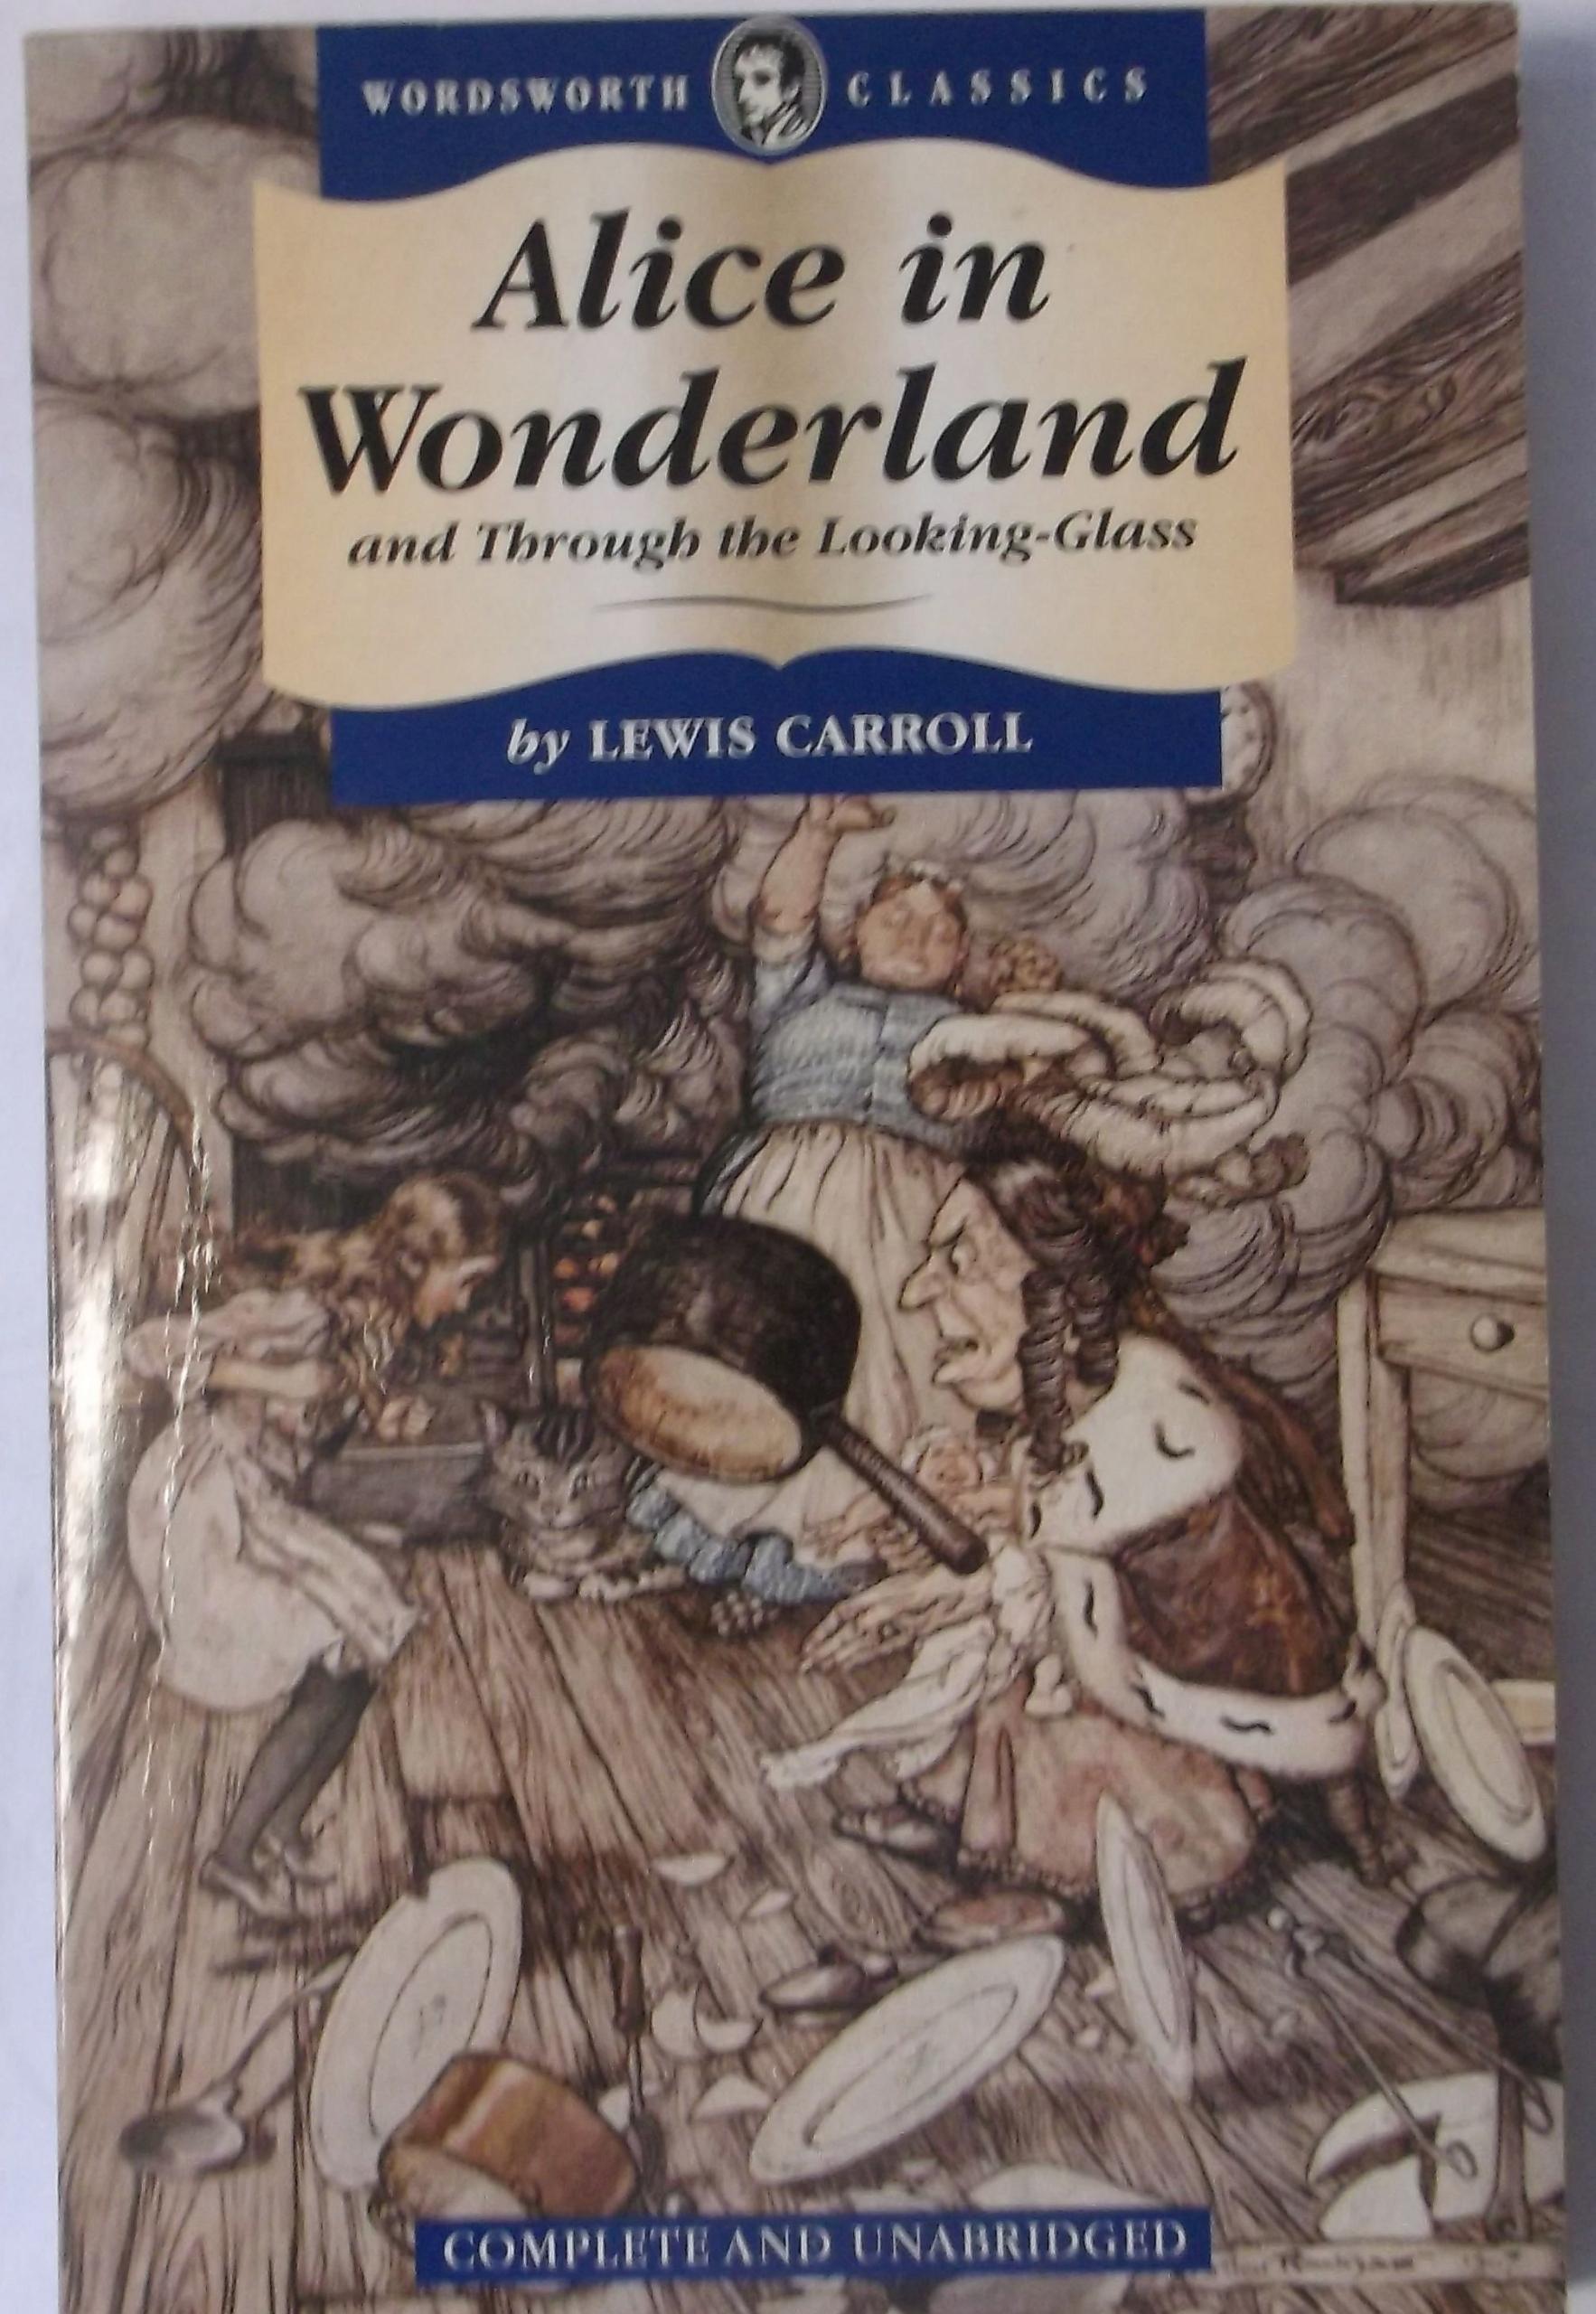 ALICE IN WONDERLAND - Lewis Carrol /6175/